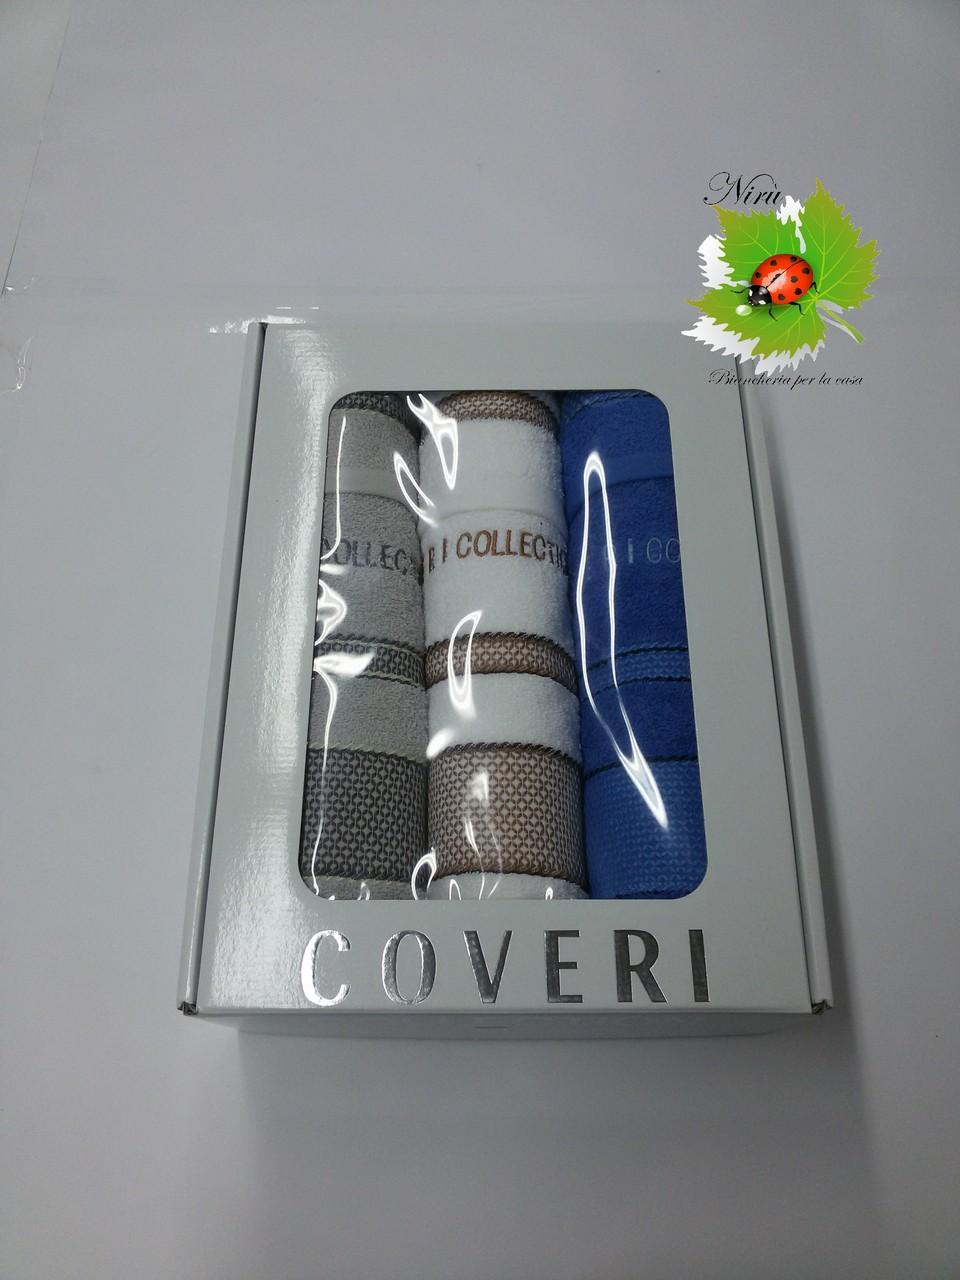 Asciugamani coveri collection 3+3 Grigio/Bianco/Roial ART.A098